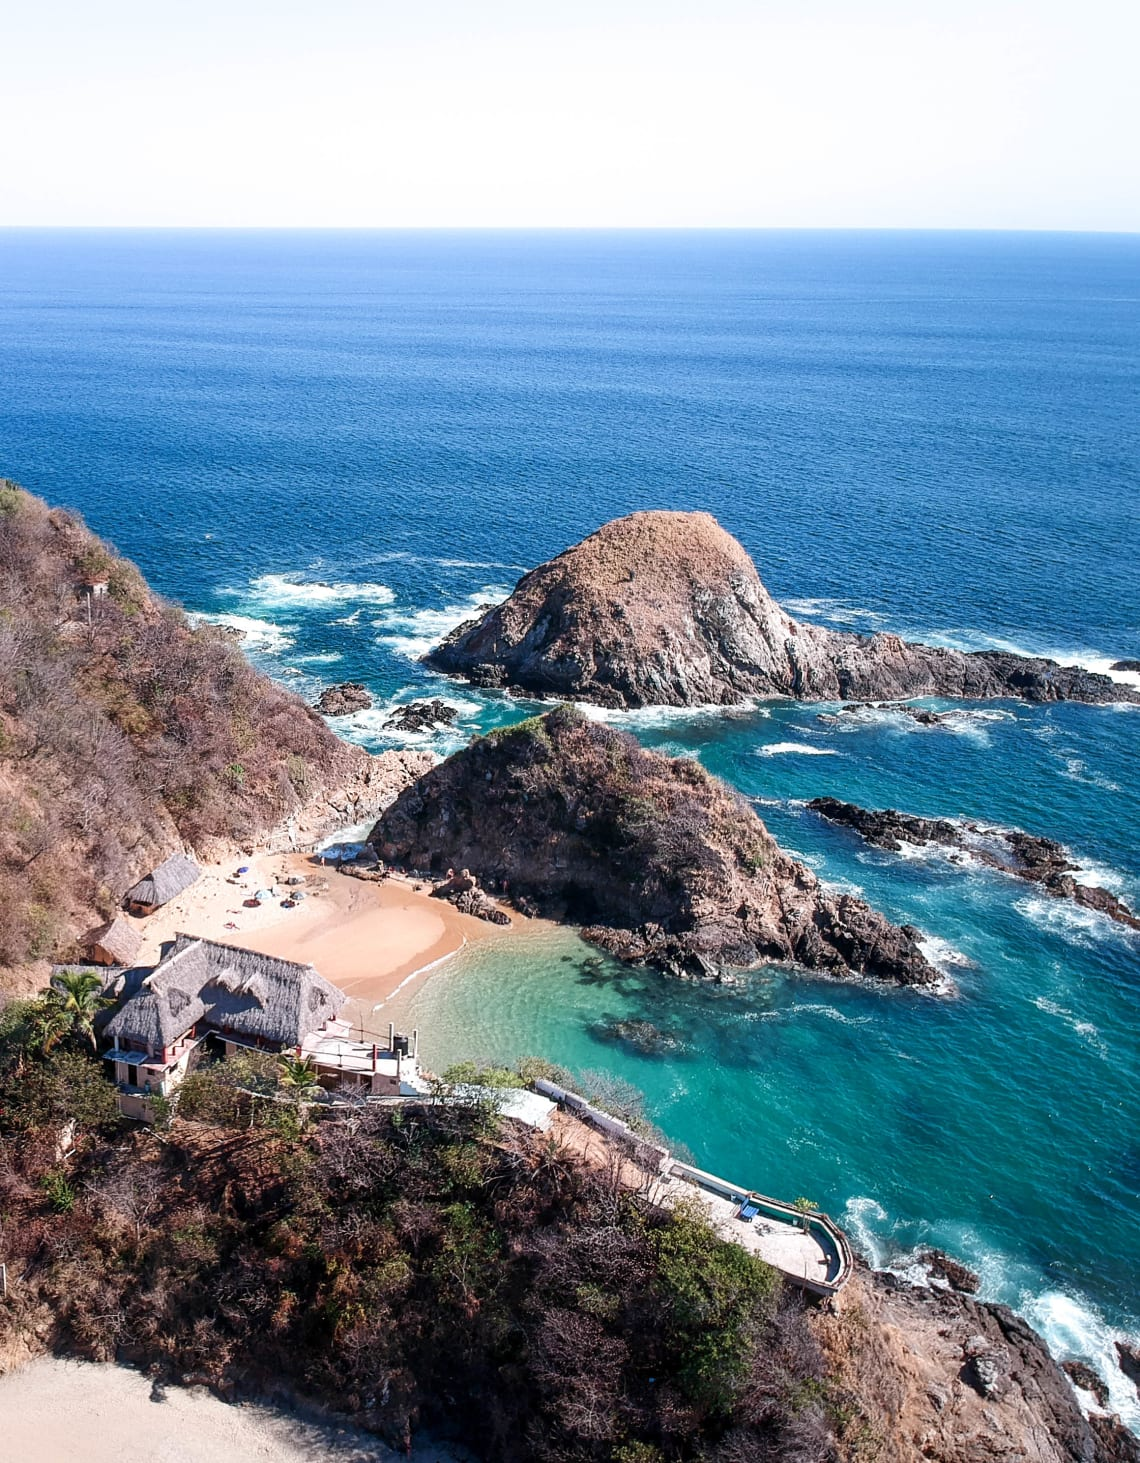 Lugares baratos  para visitar Puerto Escondido, México - Worldpackers - playa mexico puerto escondido